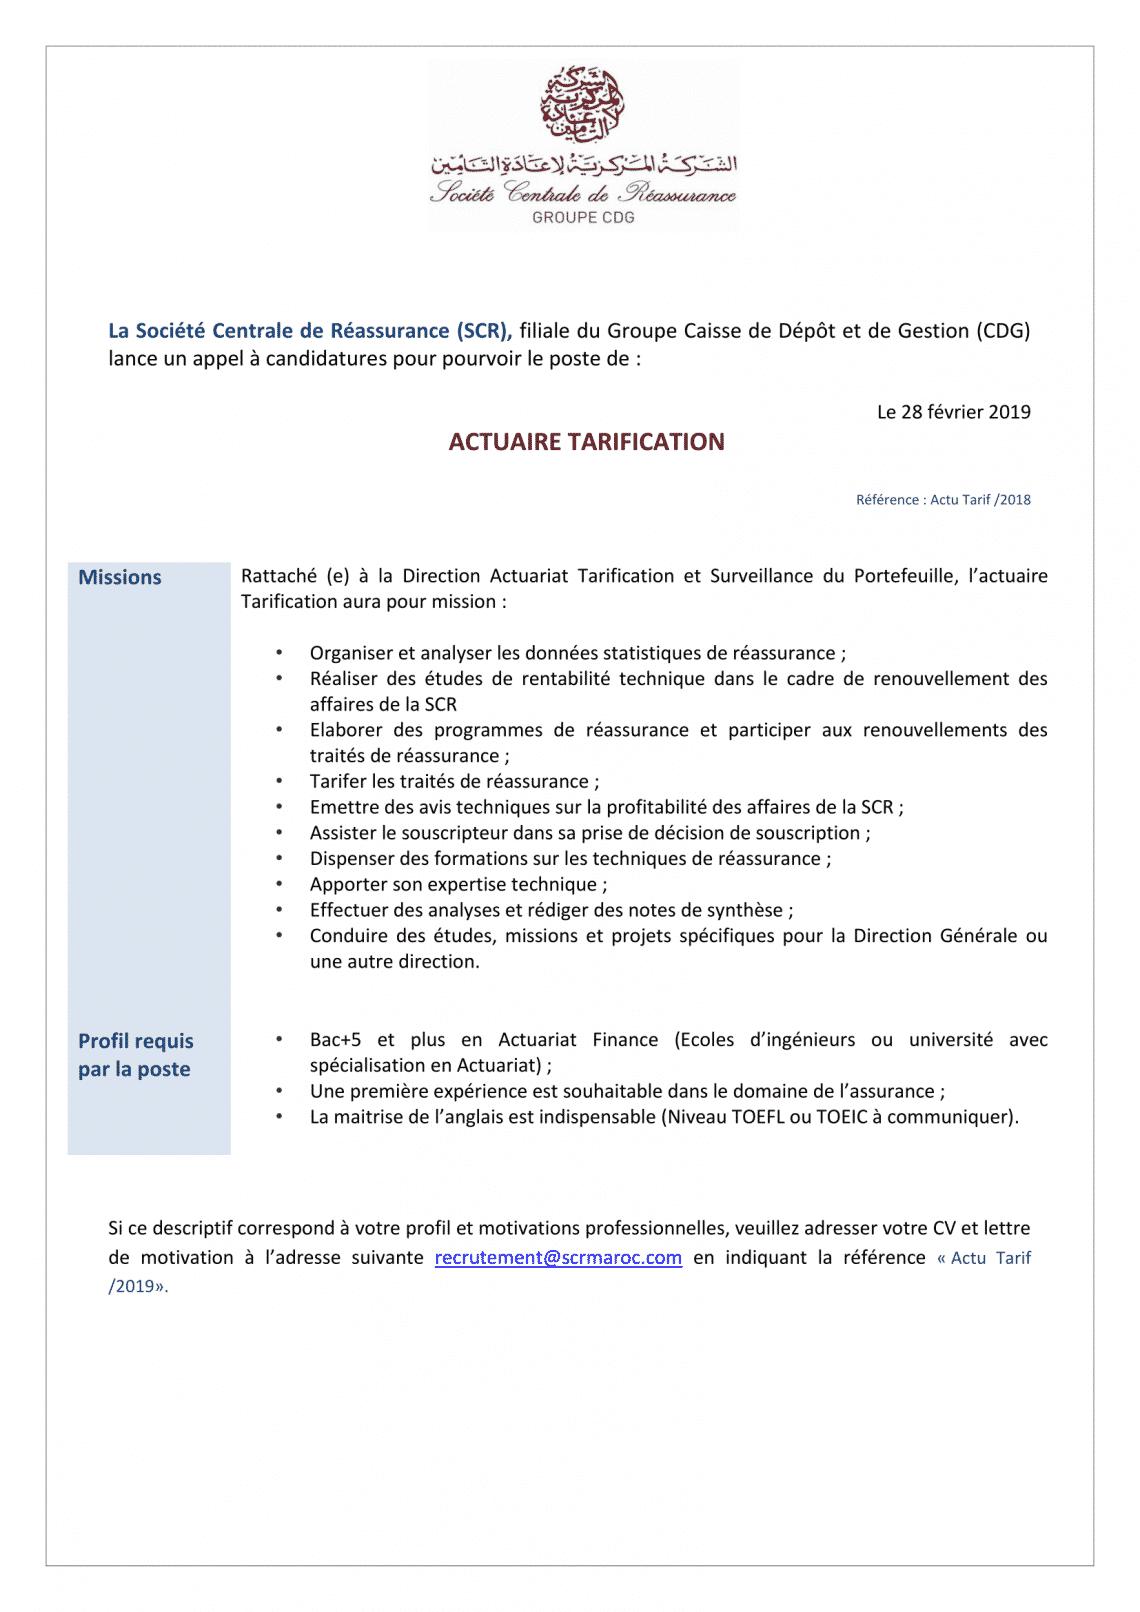 36 offres d u0026 39 emploi en cours dans plusieurs secteurs - n u00b0181